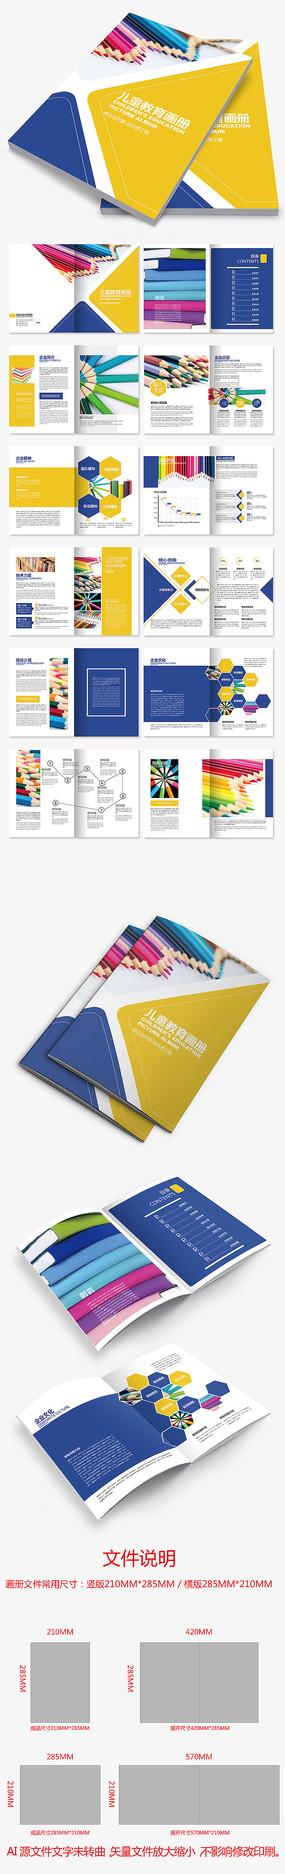 蓝橙色学校教育培训招生画册设计